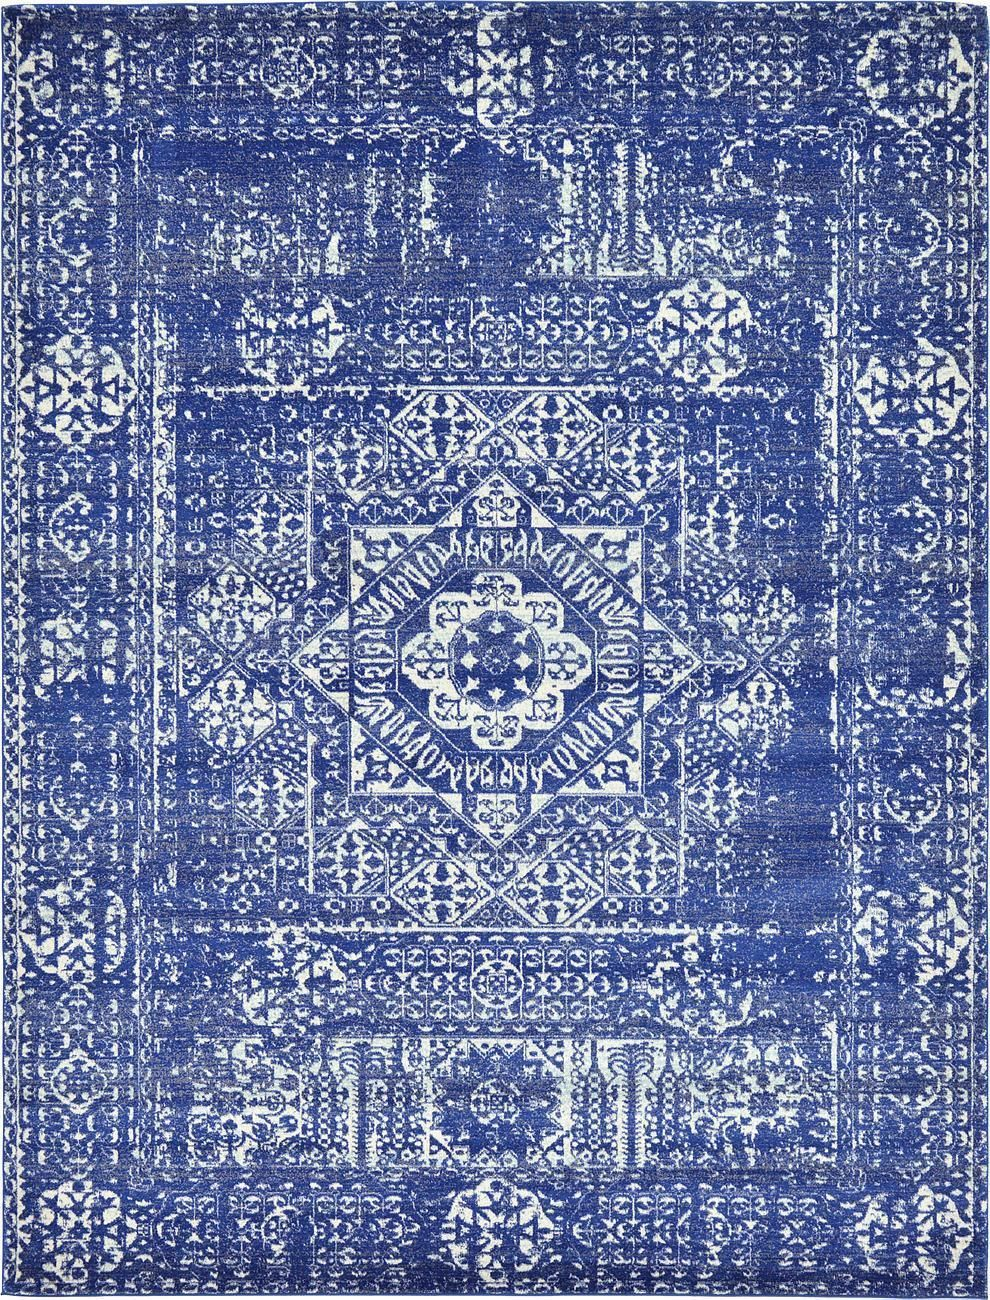 Royal Blue 9 x 12 Heritage Rug Area Rugs eSaleRugs Ideas I